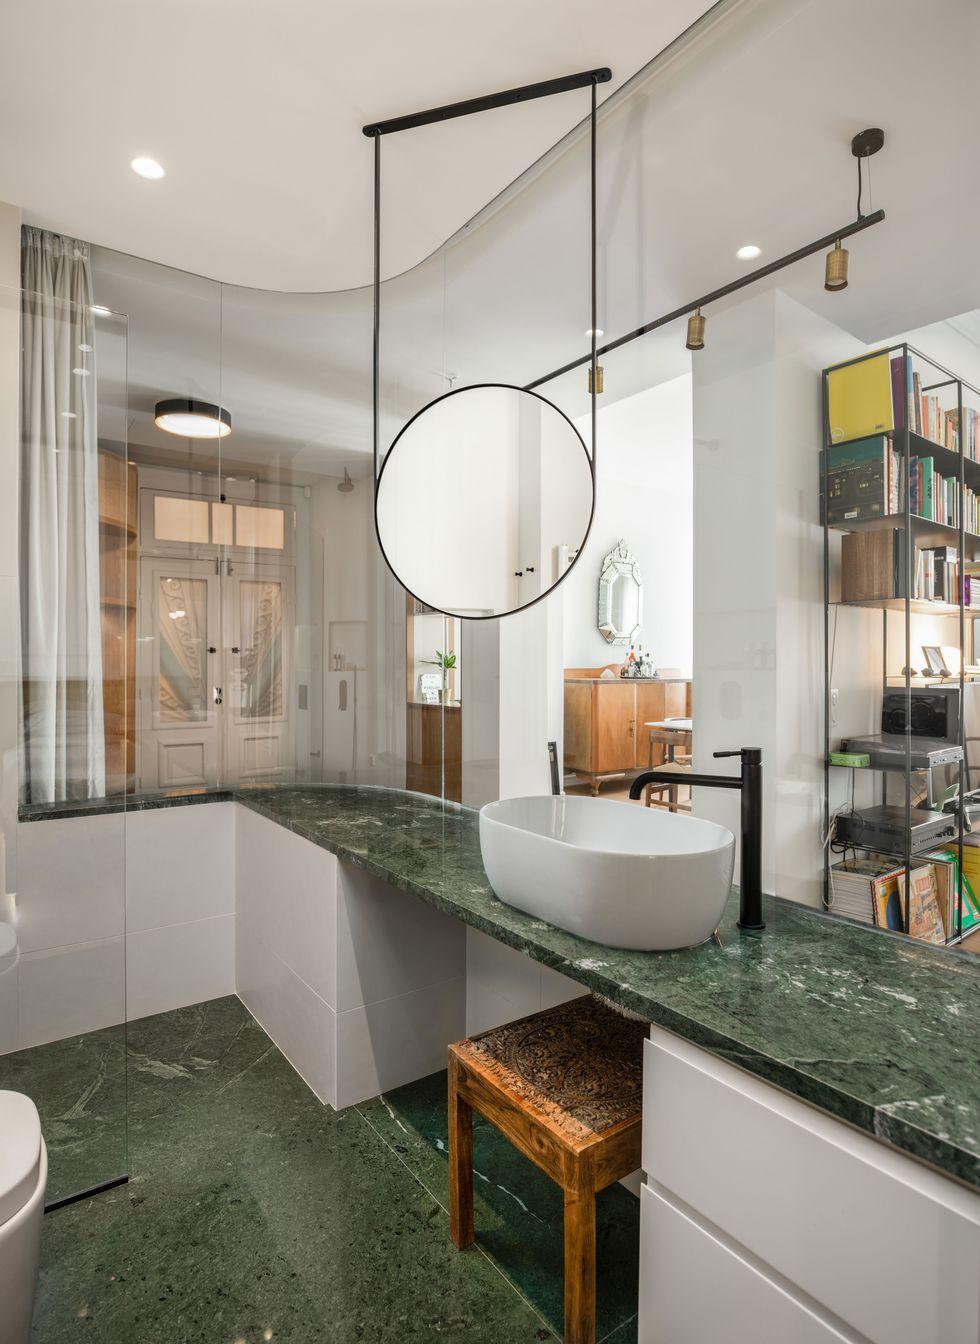 Des Cloisons Interieures Vitrees Pour Un Appartement Transparent Planete Deco A Homes World Cloison Interieure Cloison Appartement